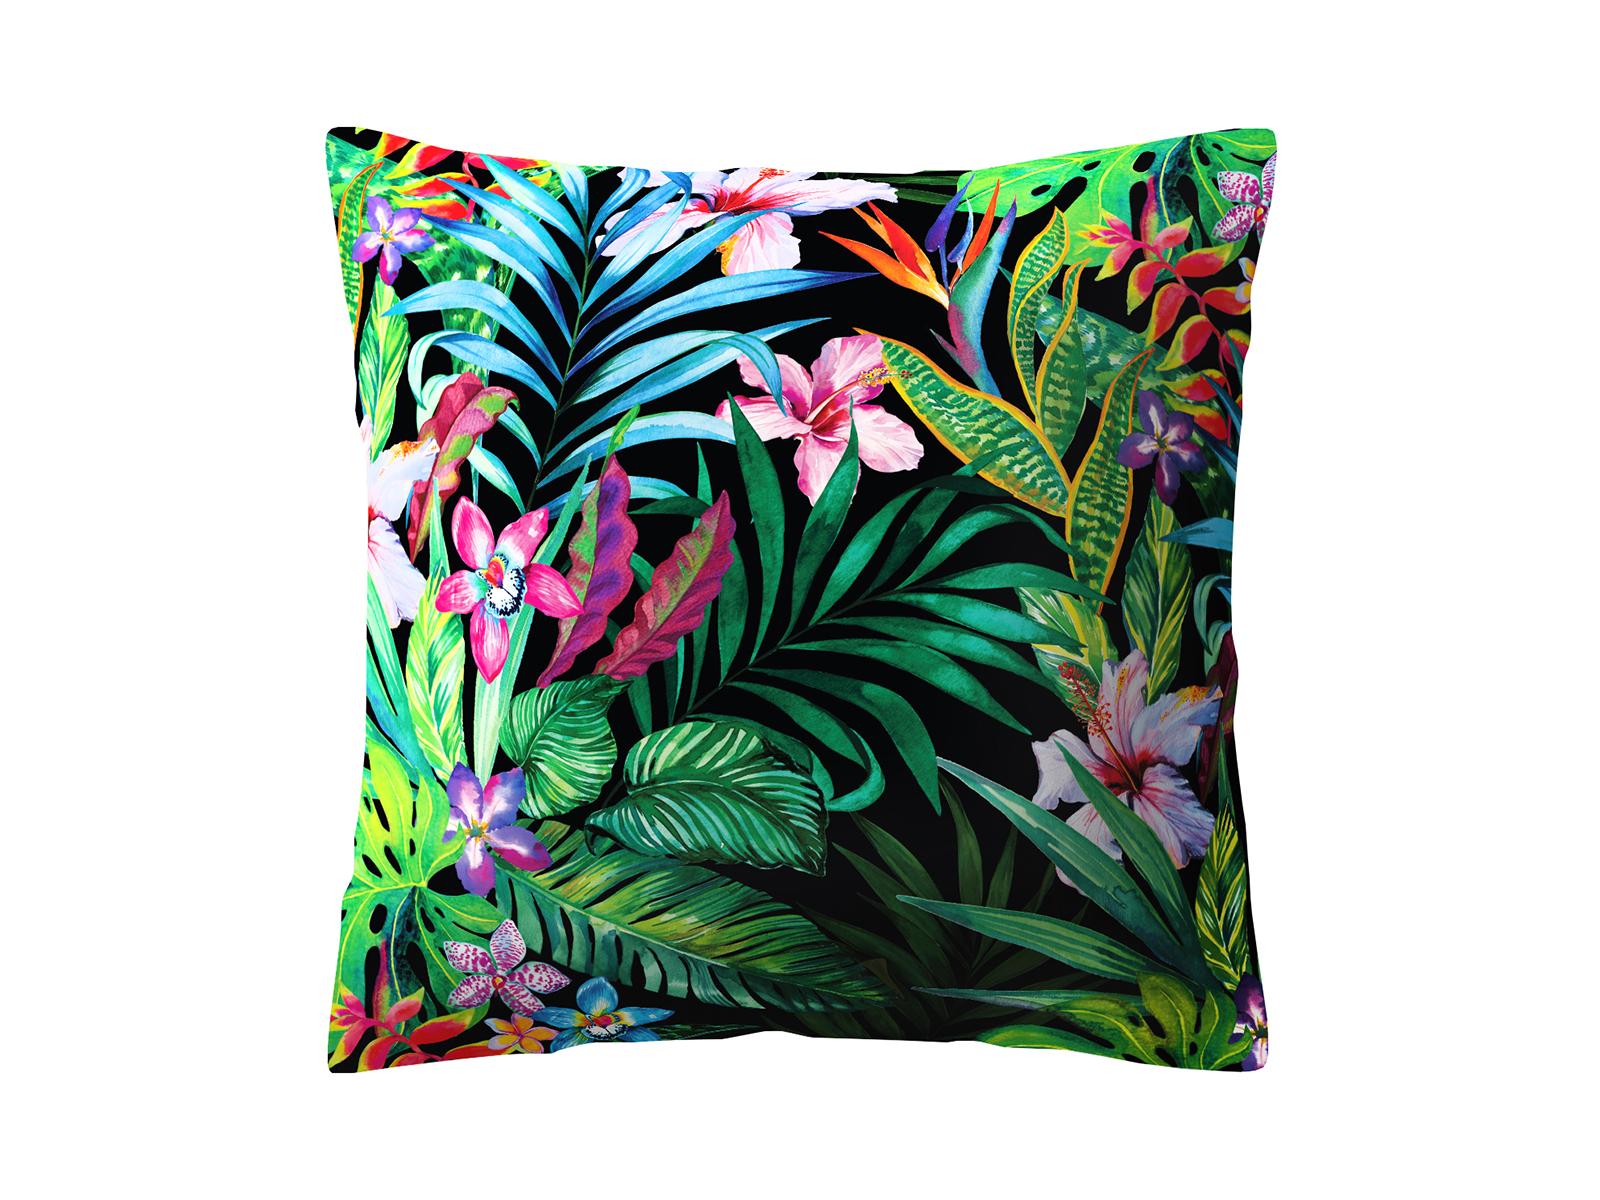 Подушка PlantsДекоративные подушки<br>Декоративная подушка со съемным чехлом<br>